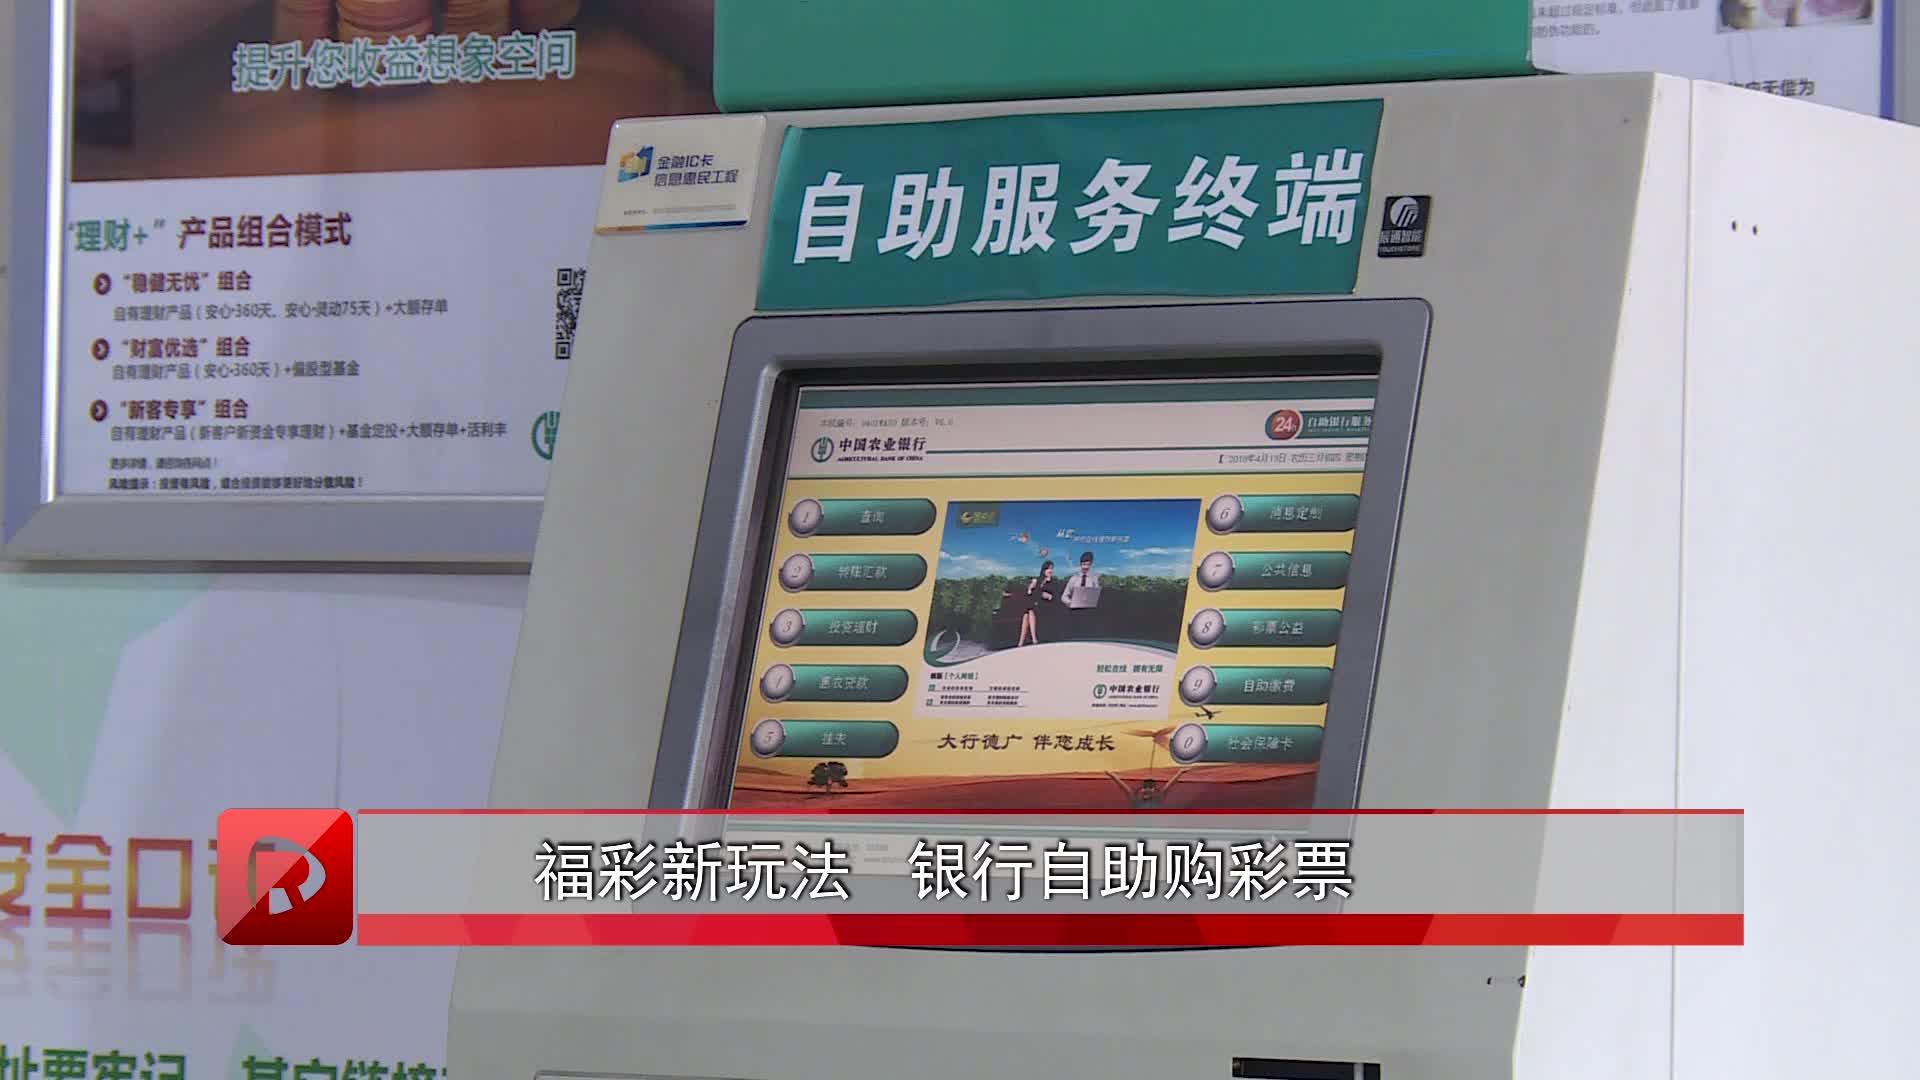 福彩新玩法 银行自助购彩票